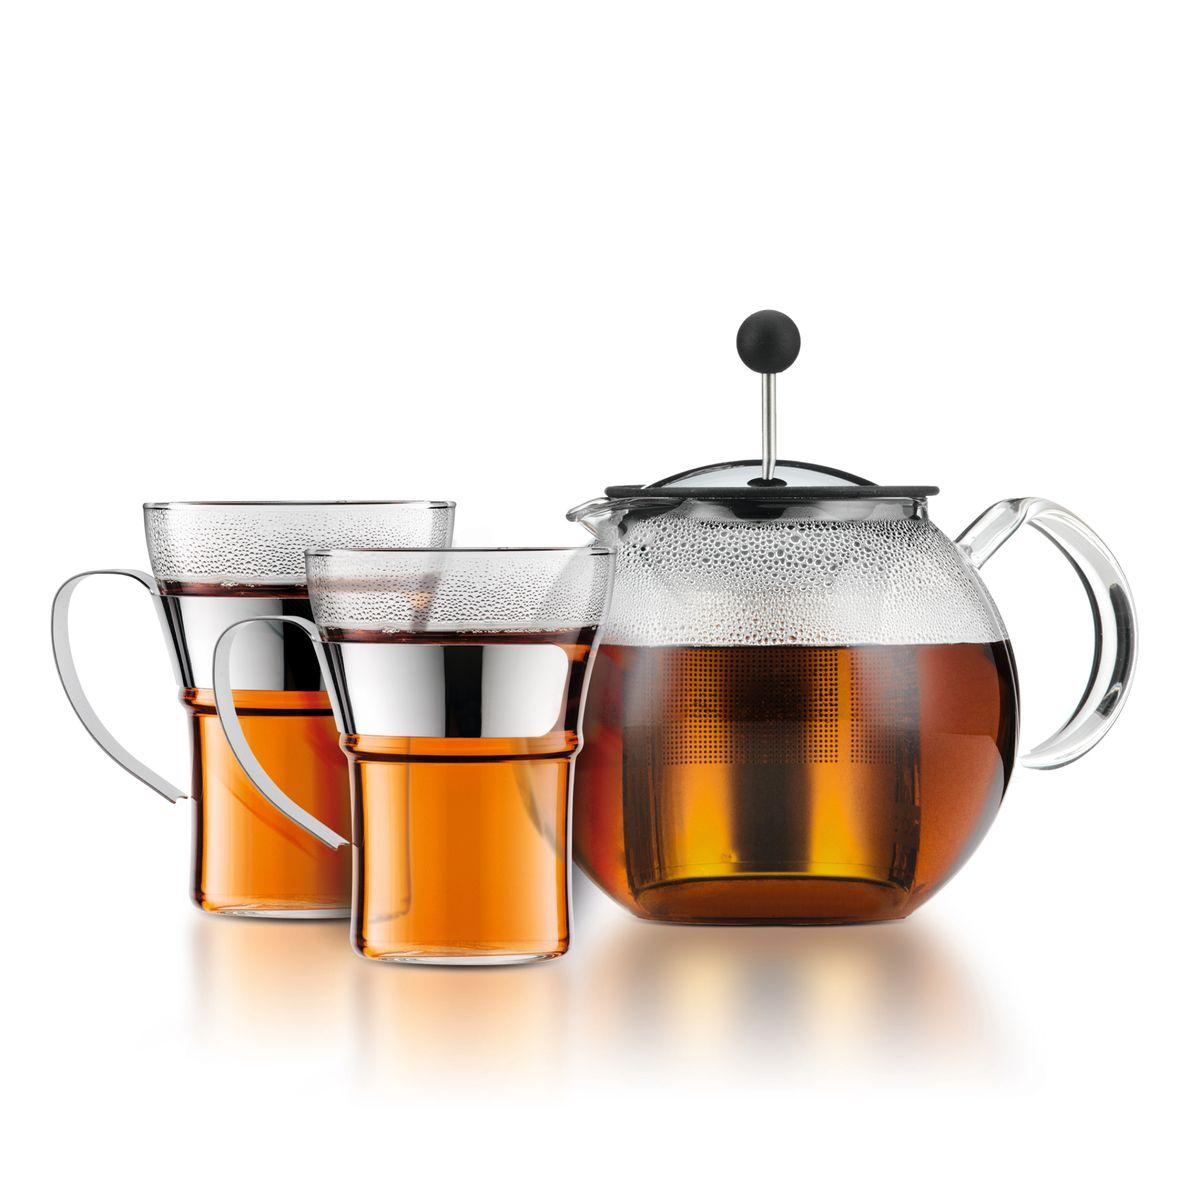 Set Théière Assam 1l avec 2 tasses en verre - Bodum